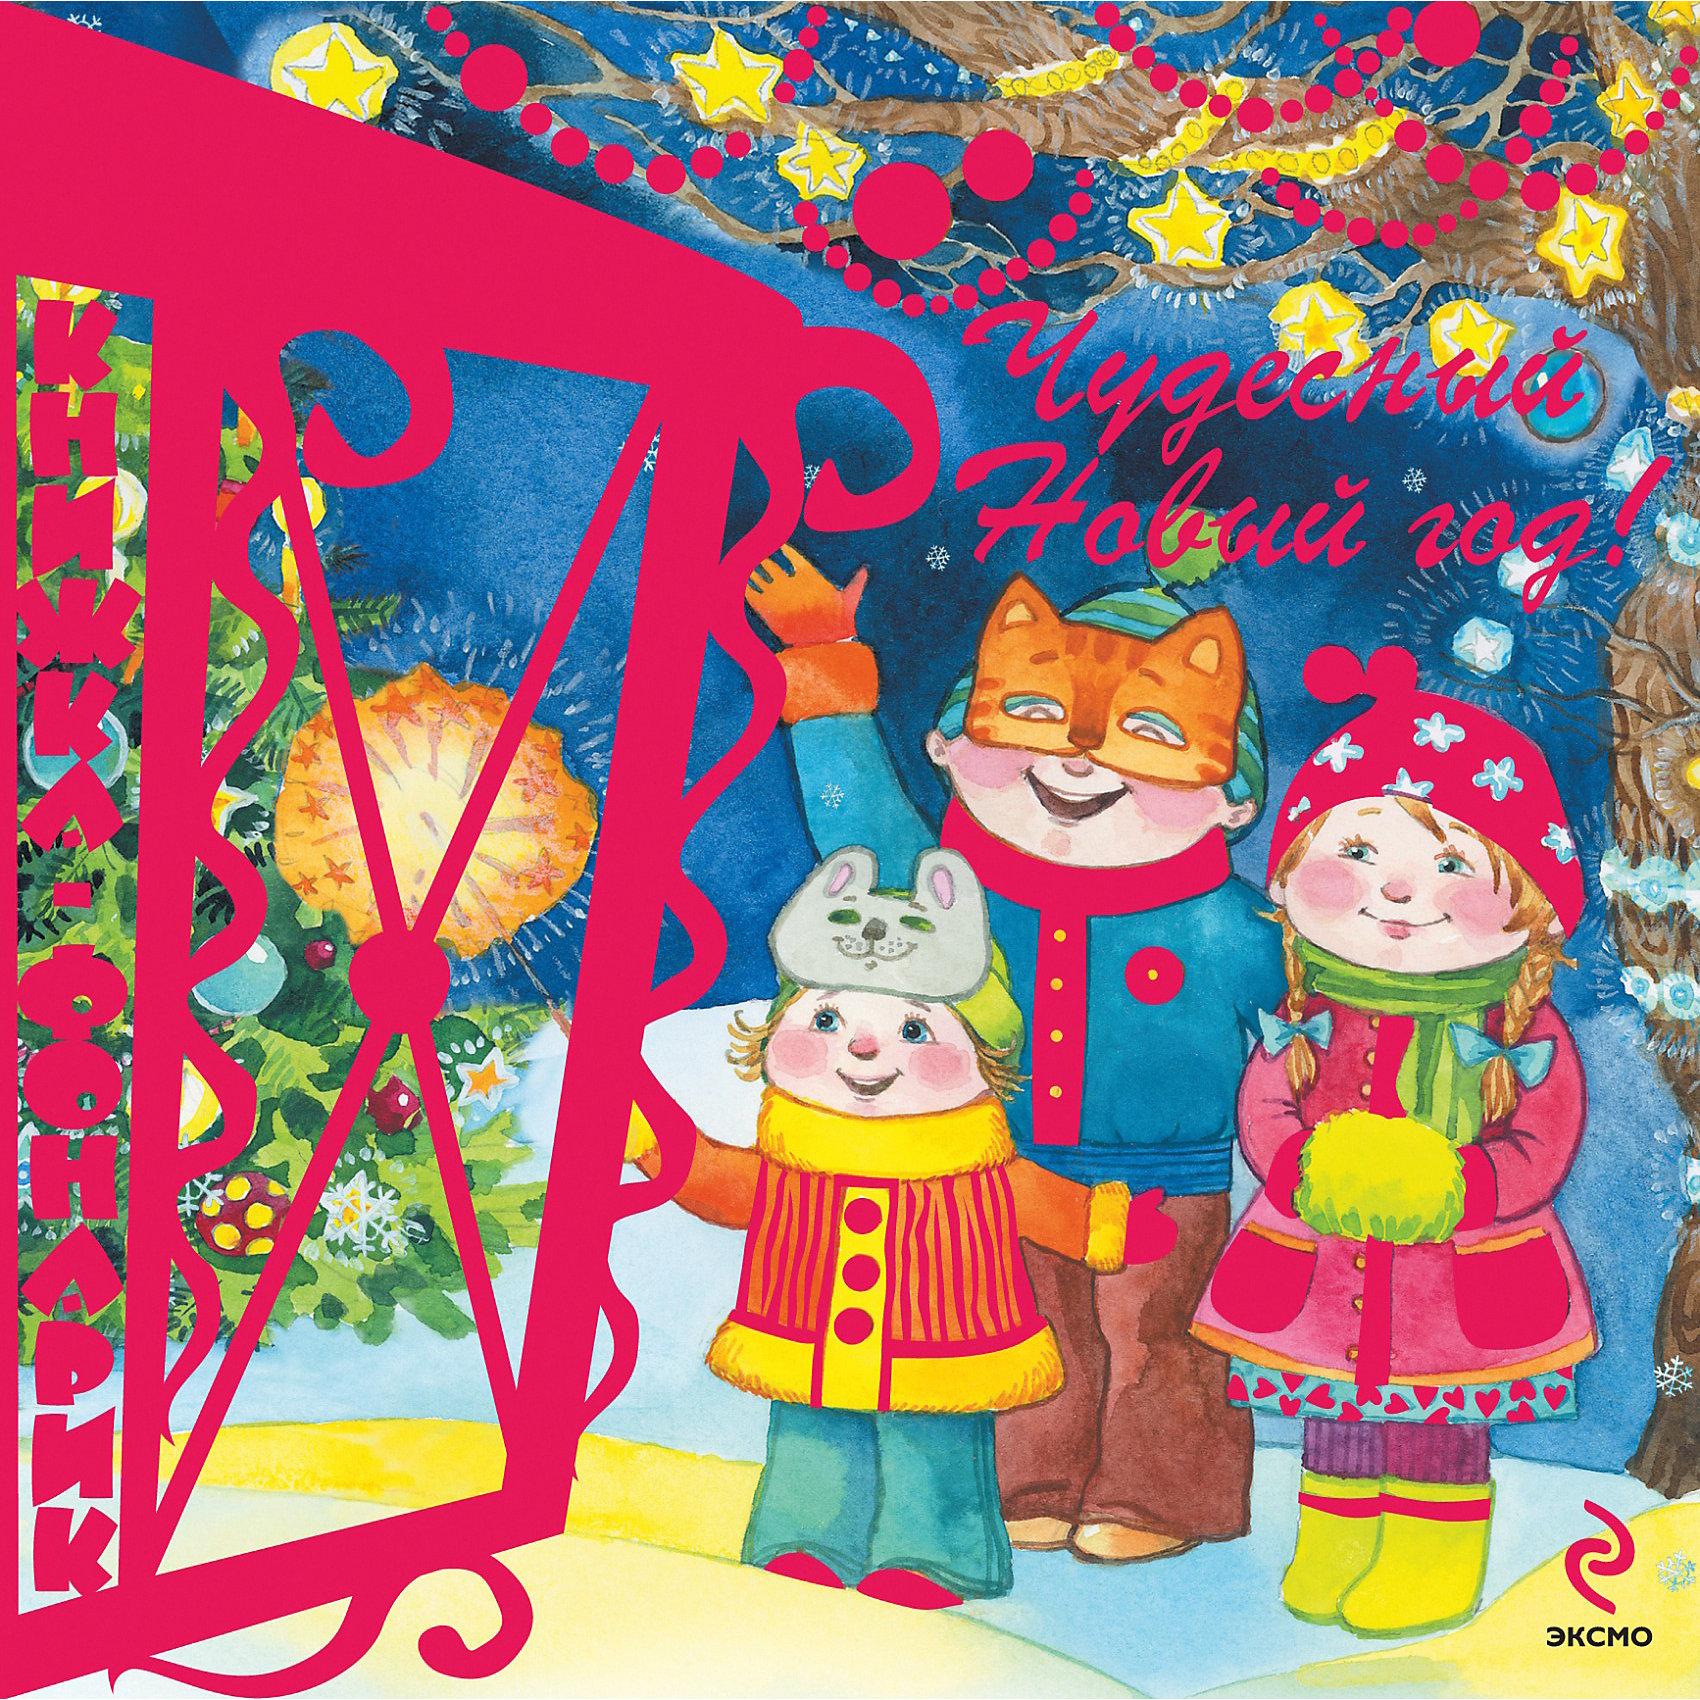 Книжка-фонарик Чудесный Новый годКнижка-фонарик Чудесный Новый год, Эксмо чудесная красочная книга, которая станет отличным новогодним подарком для Вашего ребенка и подарит ему праздничное настроение. В книге собраны добрые новогодние стихотворения и загадки с яркими праздничными иллюстрациями, а также малыша ждет приятный сюрприз - объемный фонарик на развороте страниц.<br><br>Дополнительная информация:<br><br>- Авторы: М. В. Дружинина, Н. В. Скороденко, Е. А. Ульева.<br>- Художник: И. В. Есаулов, Н. Ю. Макаренко. <br>- Серия: Новогодние подарочные книги.<br>- Переплет: твердая обложка.<br>- Иллюстрации: цветные.<br>- Объем: 12 стр. (картон). <br>- Размер: 20,5 x 20,5 x 1,5 см.<br>- Вес: 0,302 кг. <br><br>Книжку-фонарик Чудесный Новый год, Эксмо, можно купить в нашем интернет-магазине.!<br><br>Ширина мм: 205<br>Глубина мм: 205<br>Высота мм: 15<br>Вес г: 322<br>Возраст от месяцев: 36<br>Возраст до месяцев: 60<br>Пол: Унисекс<br>Возраст: Детский<br>SKU: 3825866